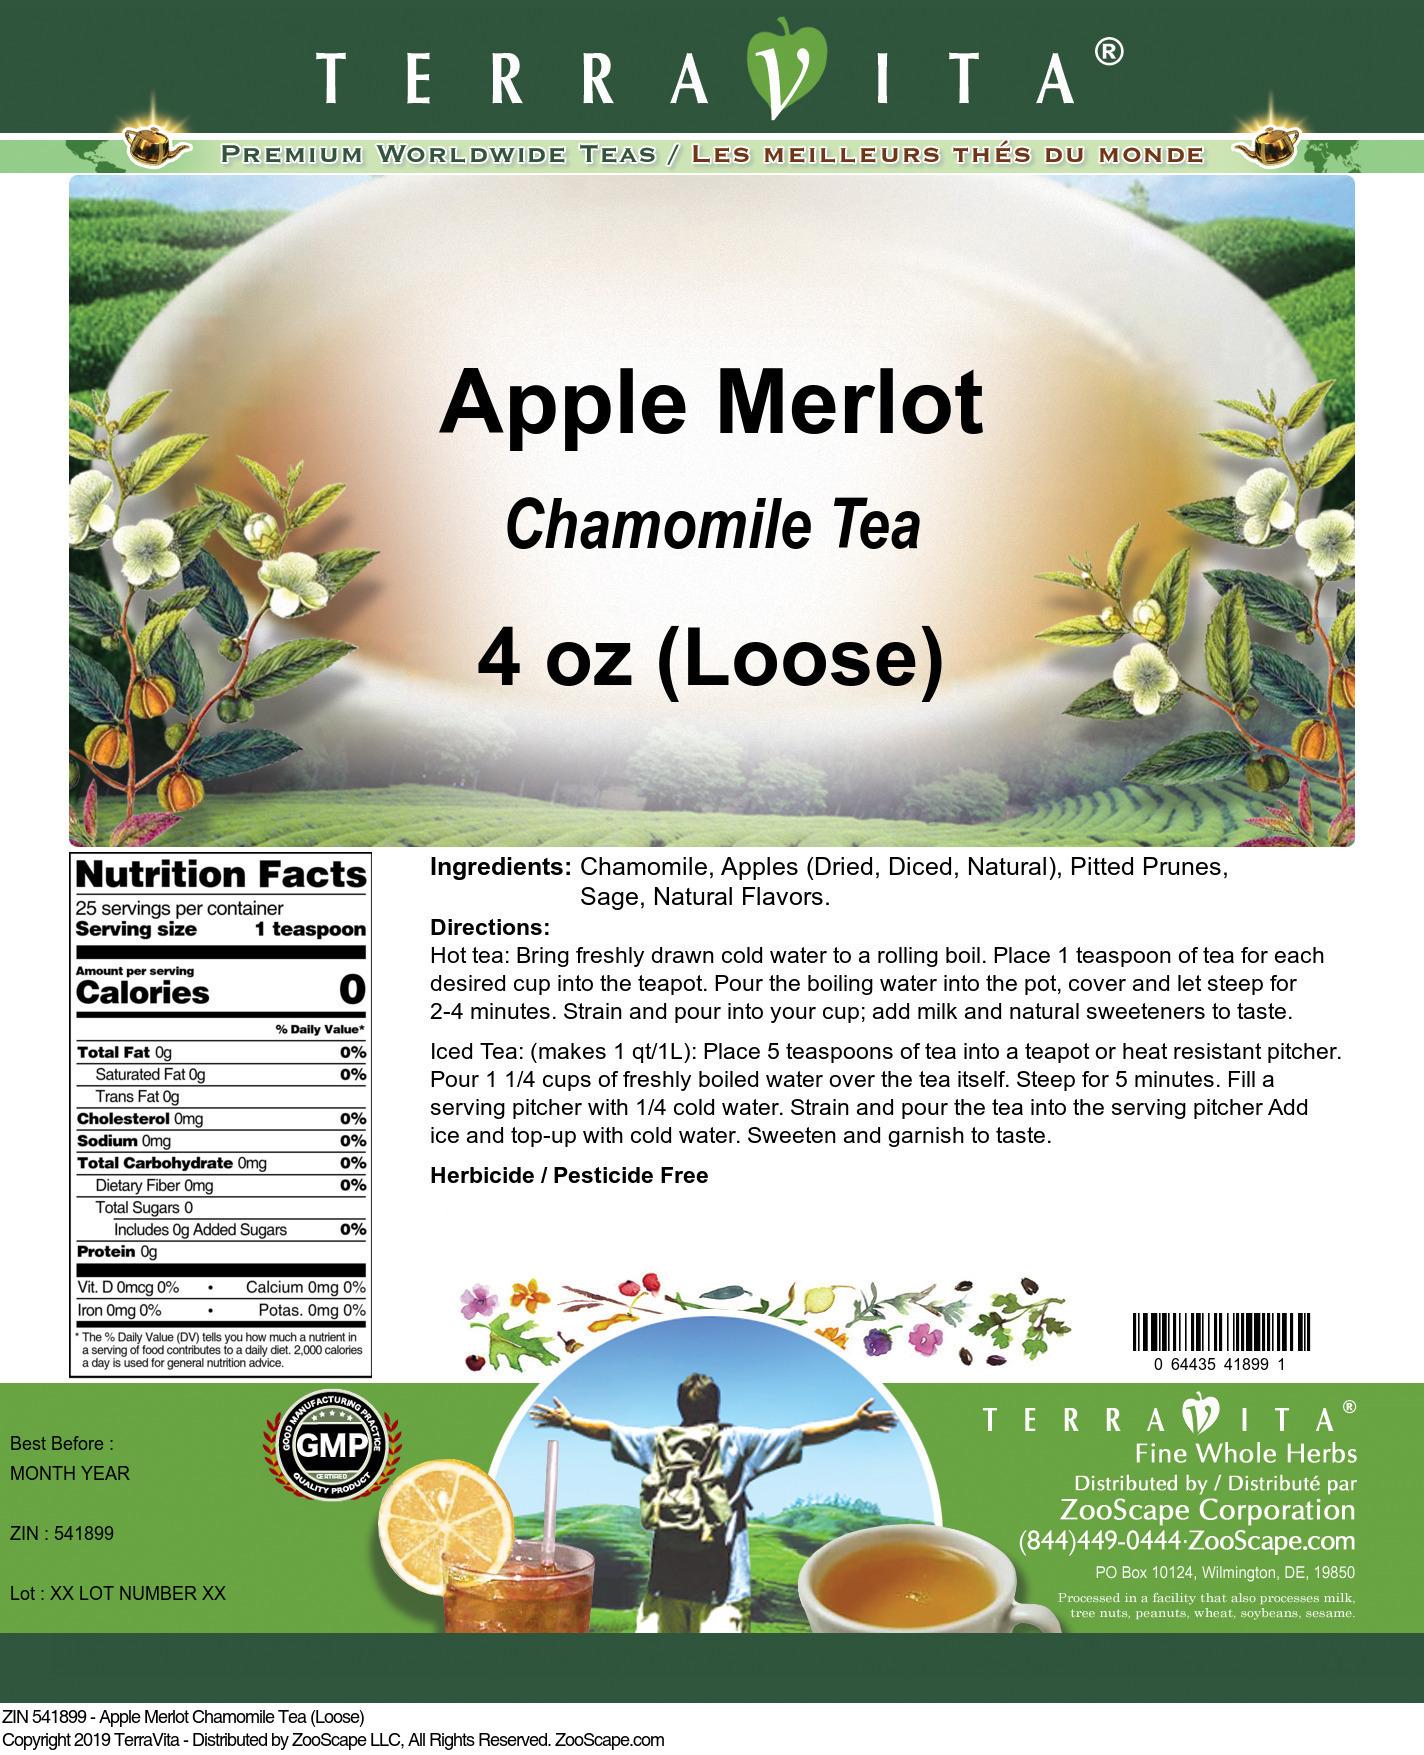 Apple Merlot Chamomile Tea